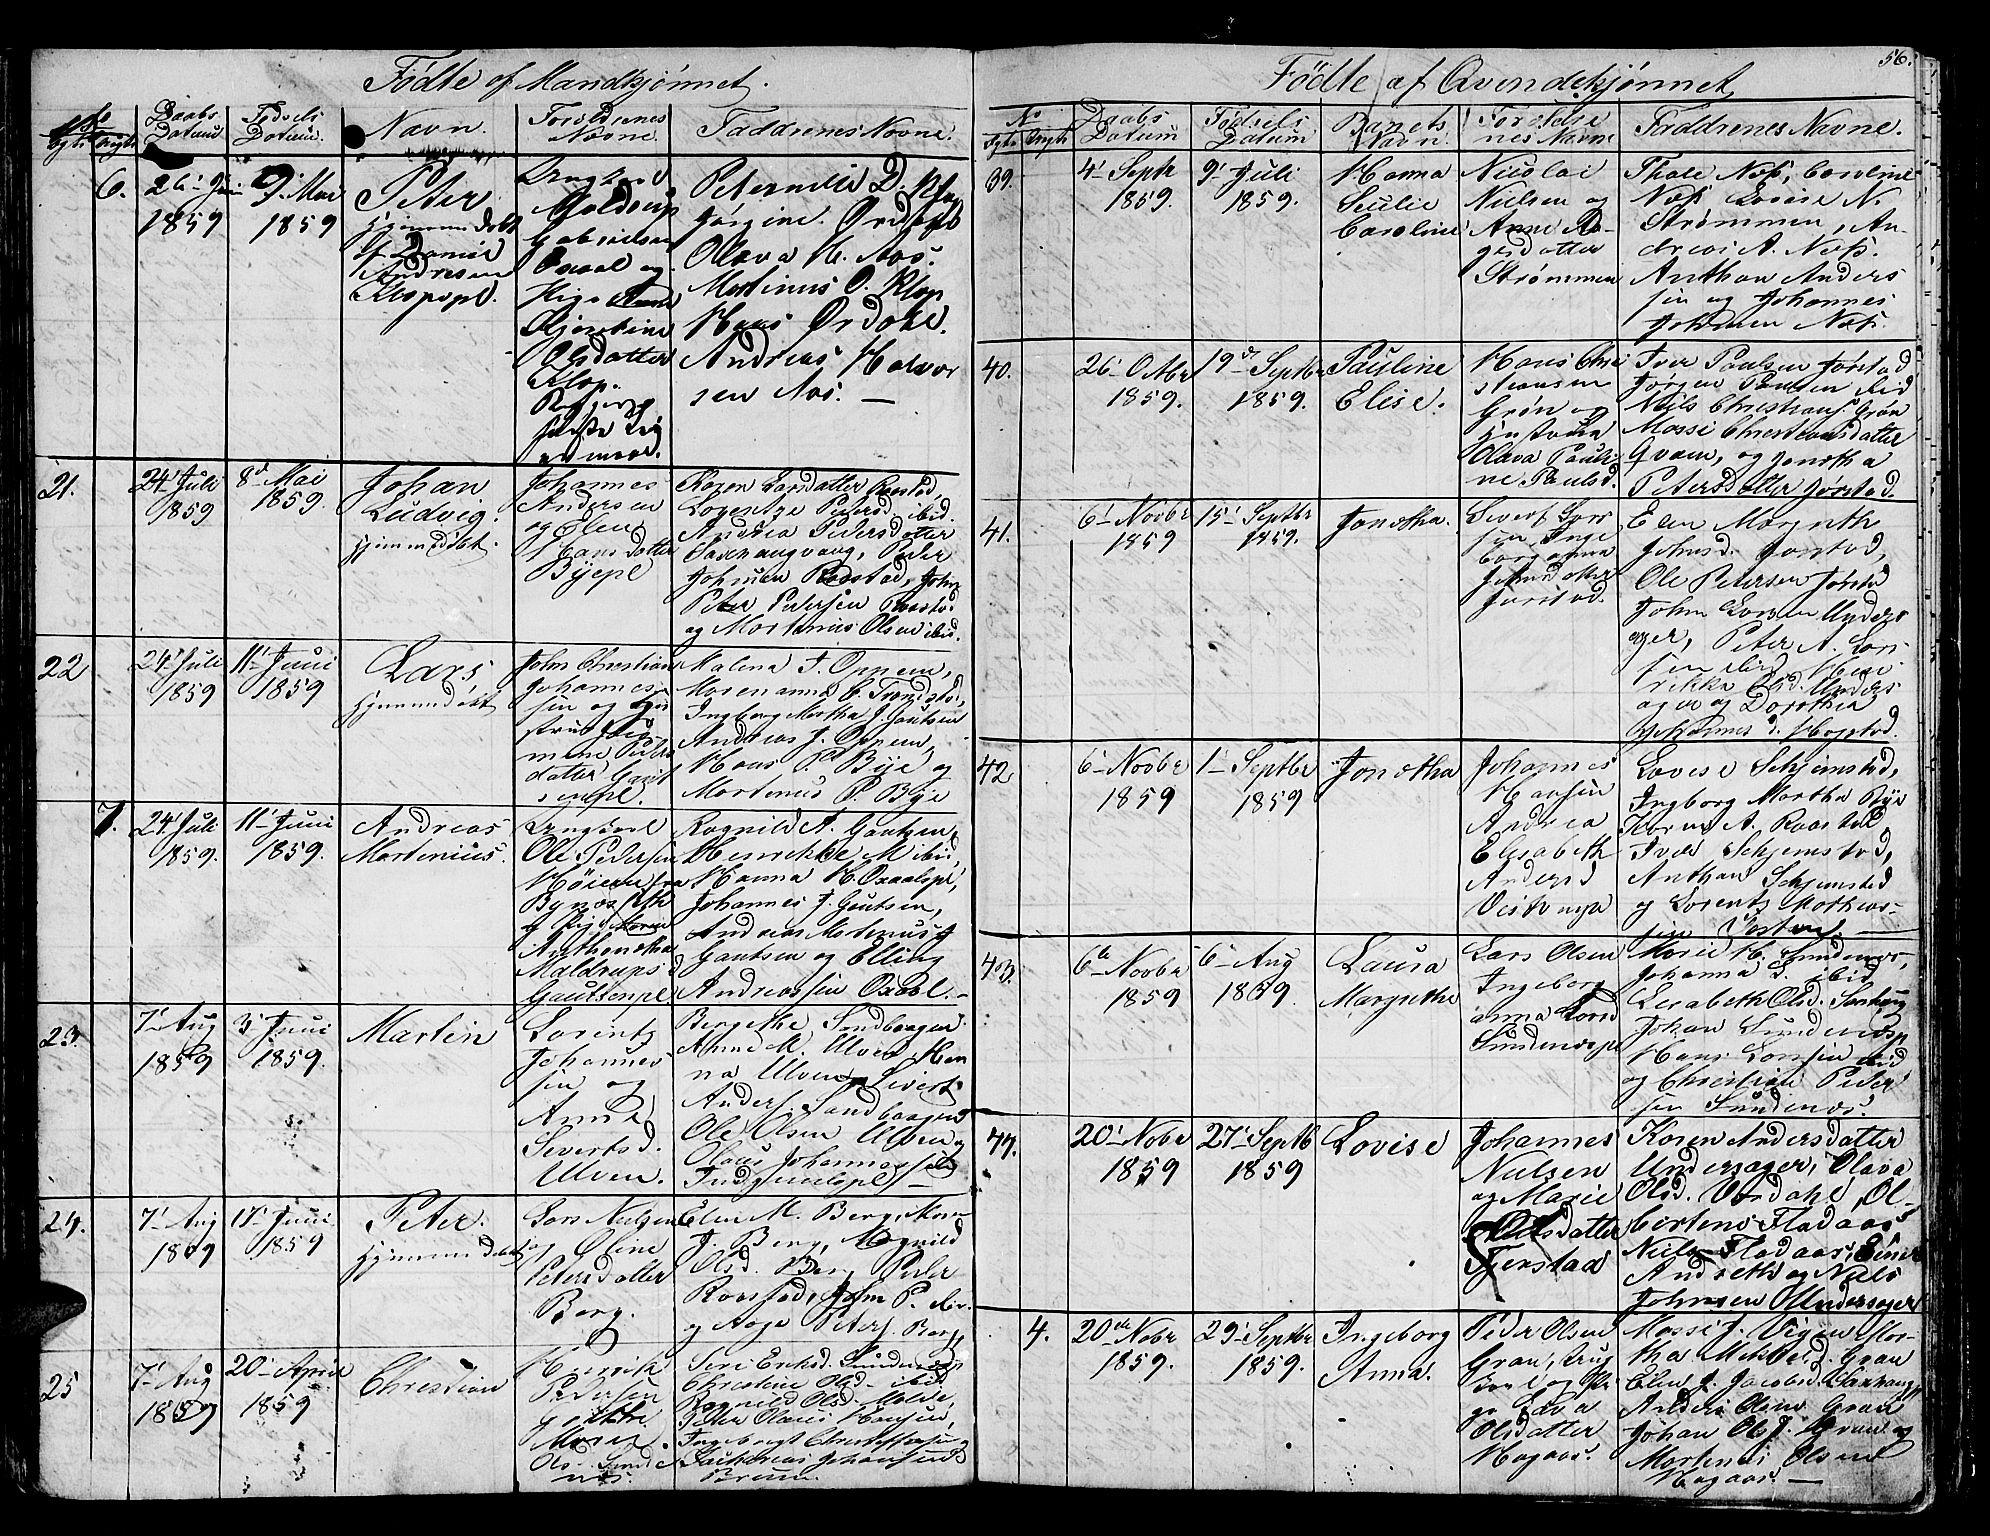 SAT, Ministerialprotokoller, klokkerbøker og fødselsregistre - Nord-Trøndelag, 730/L0299: Klokkerbok nr. 730C02, 1849-1871, s. 56